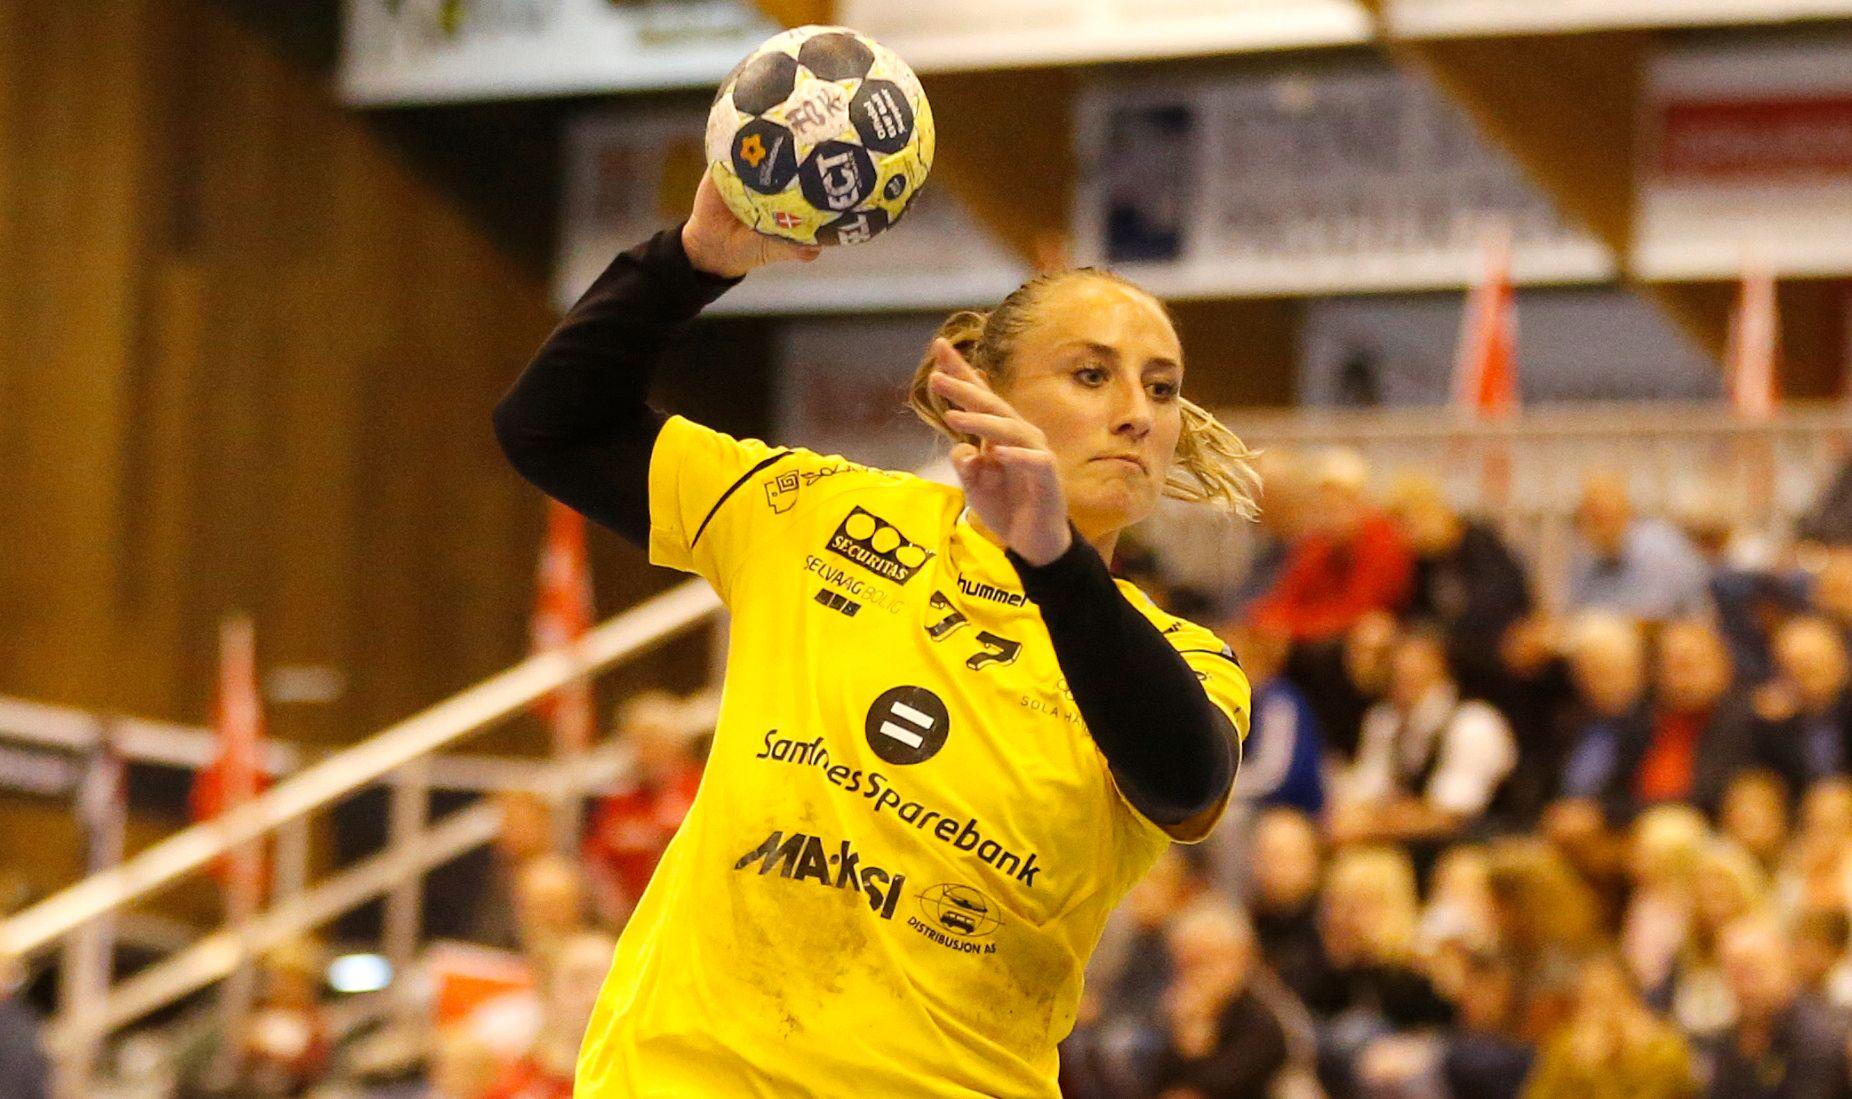 TILBAKE: Camilla Herrem spilte NM-kamp og scoret mål igjen for Sandnes.